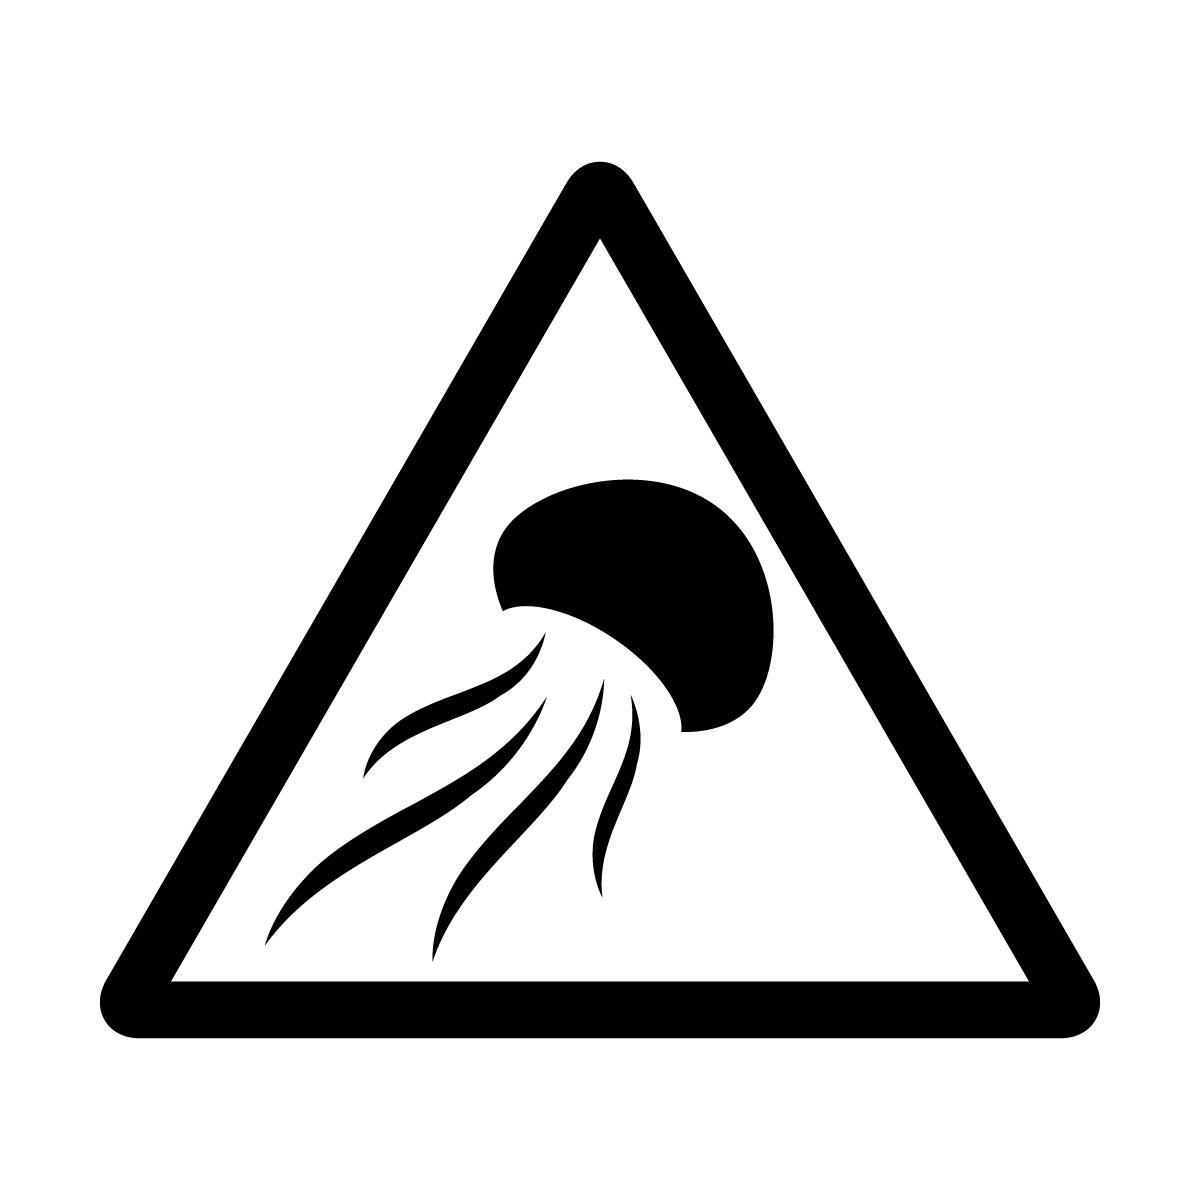 黒色のクラゲ出没注意マークのカッティングステッカー・シール